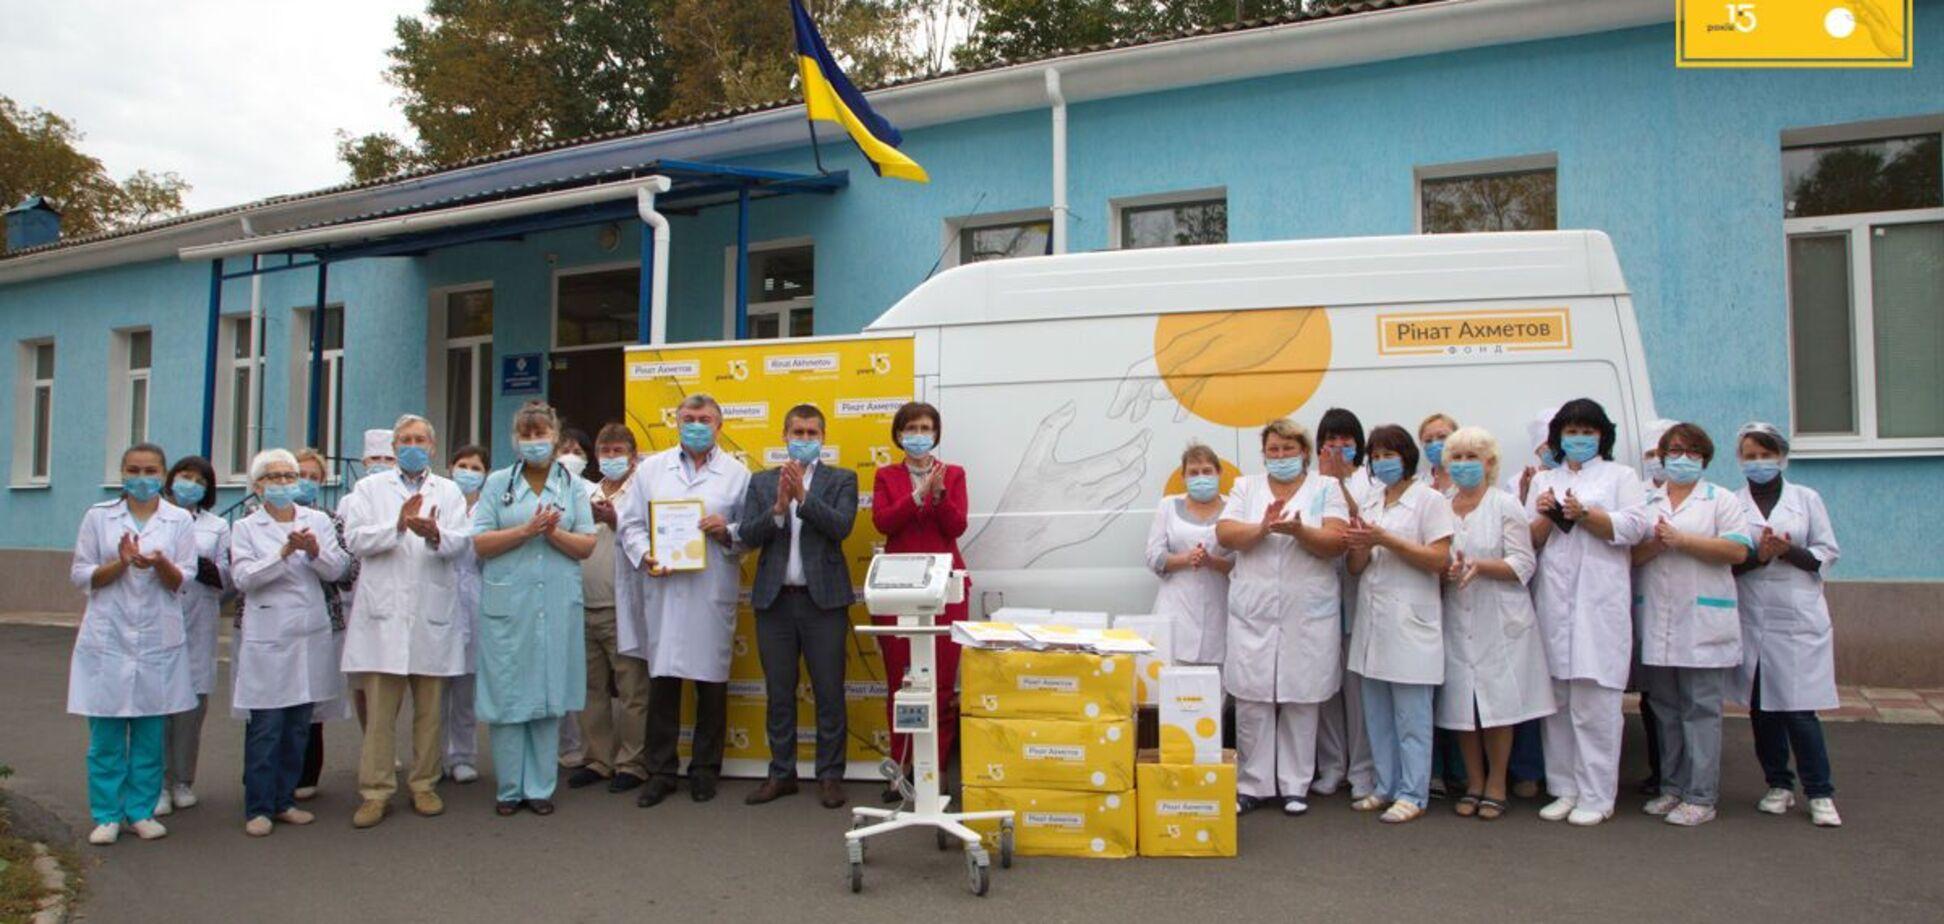 Ахметова назвали найвідомішим благодійником України - дослідження